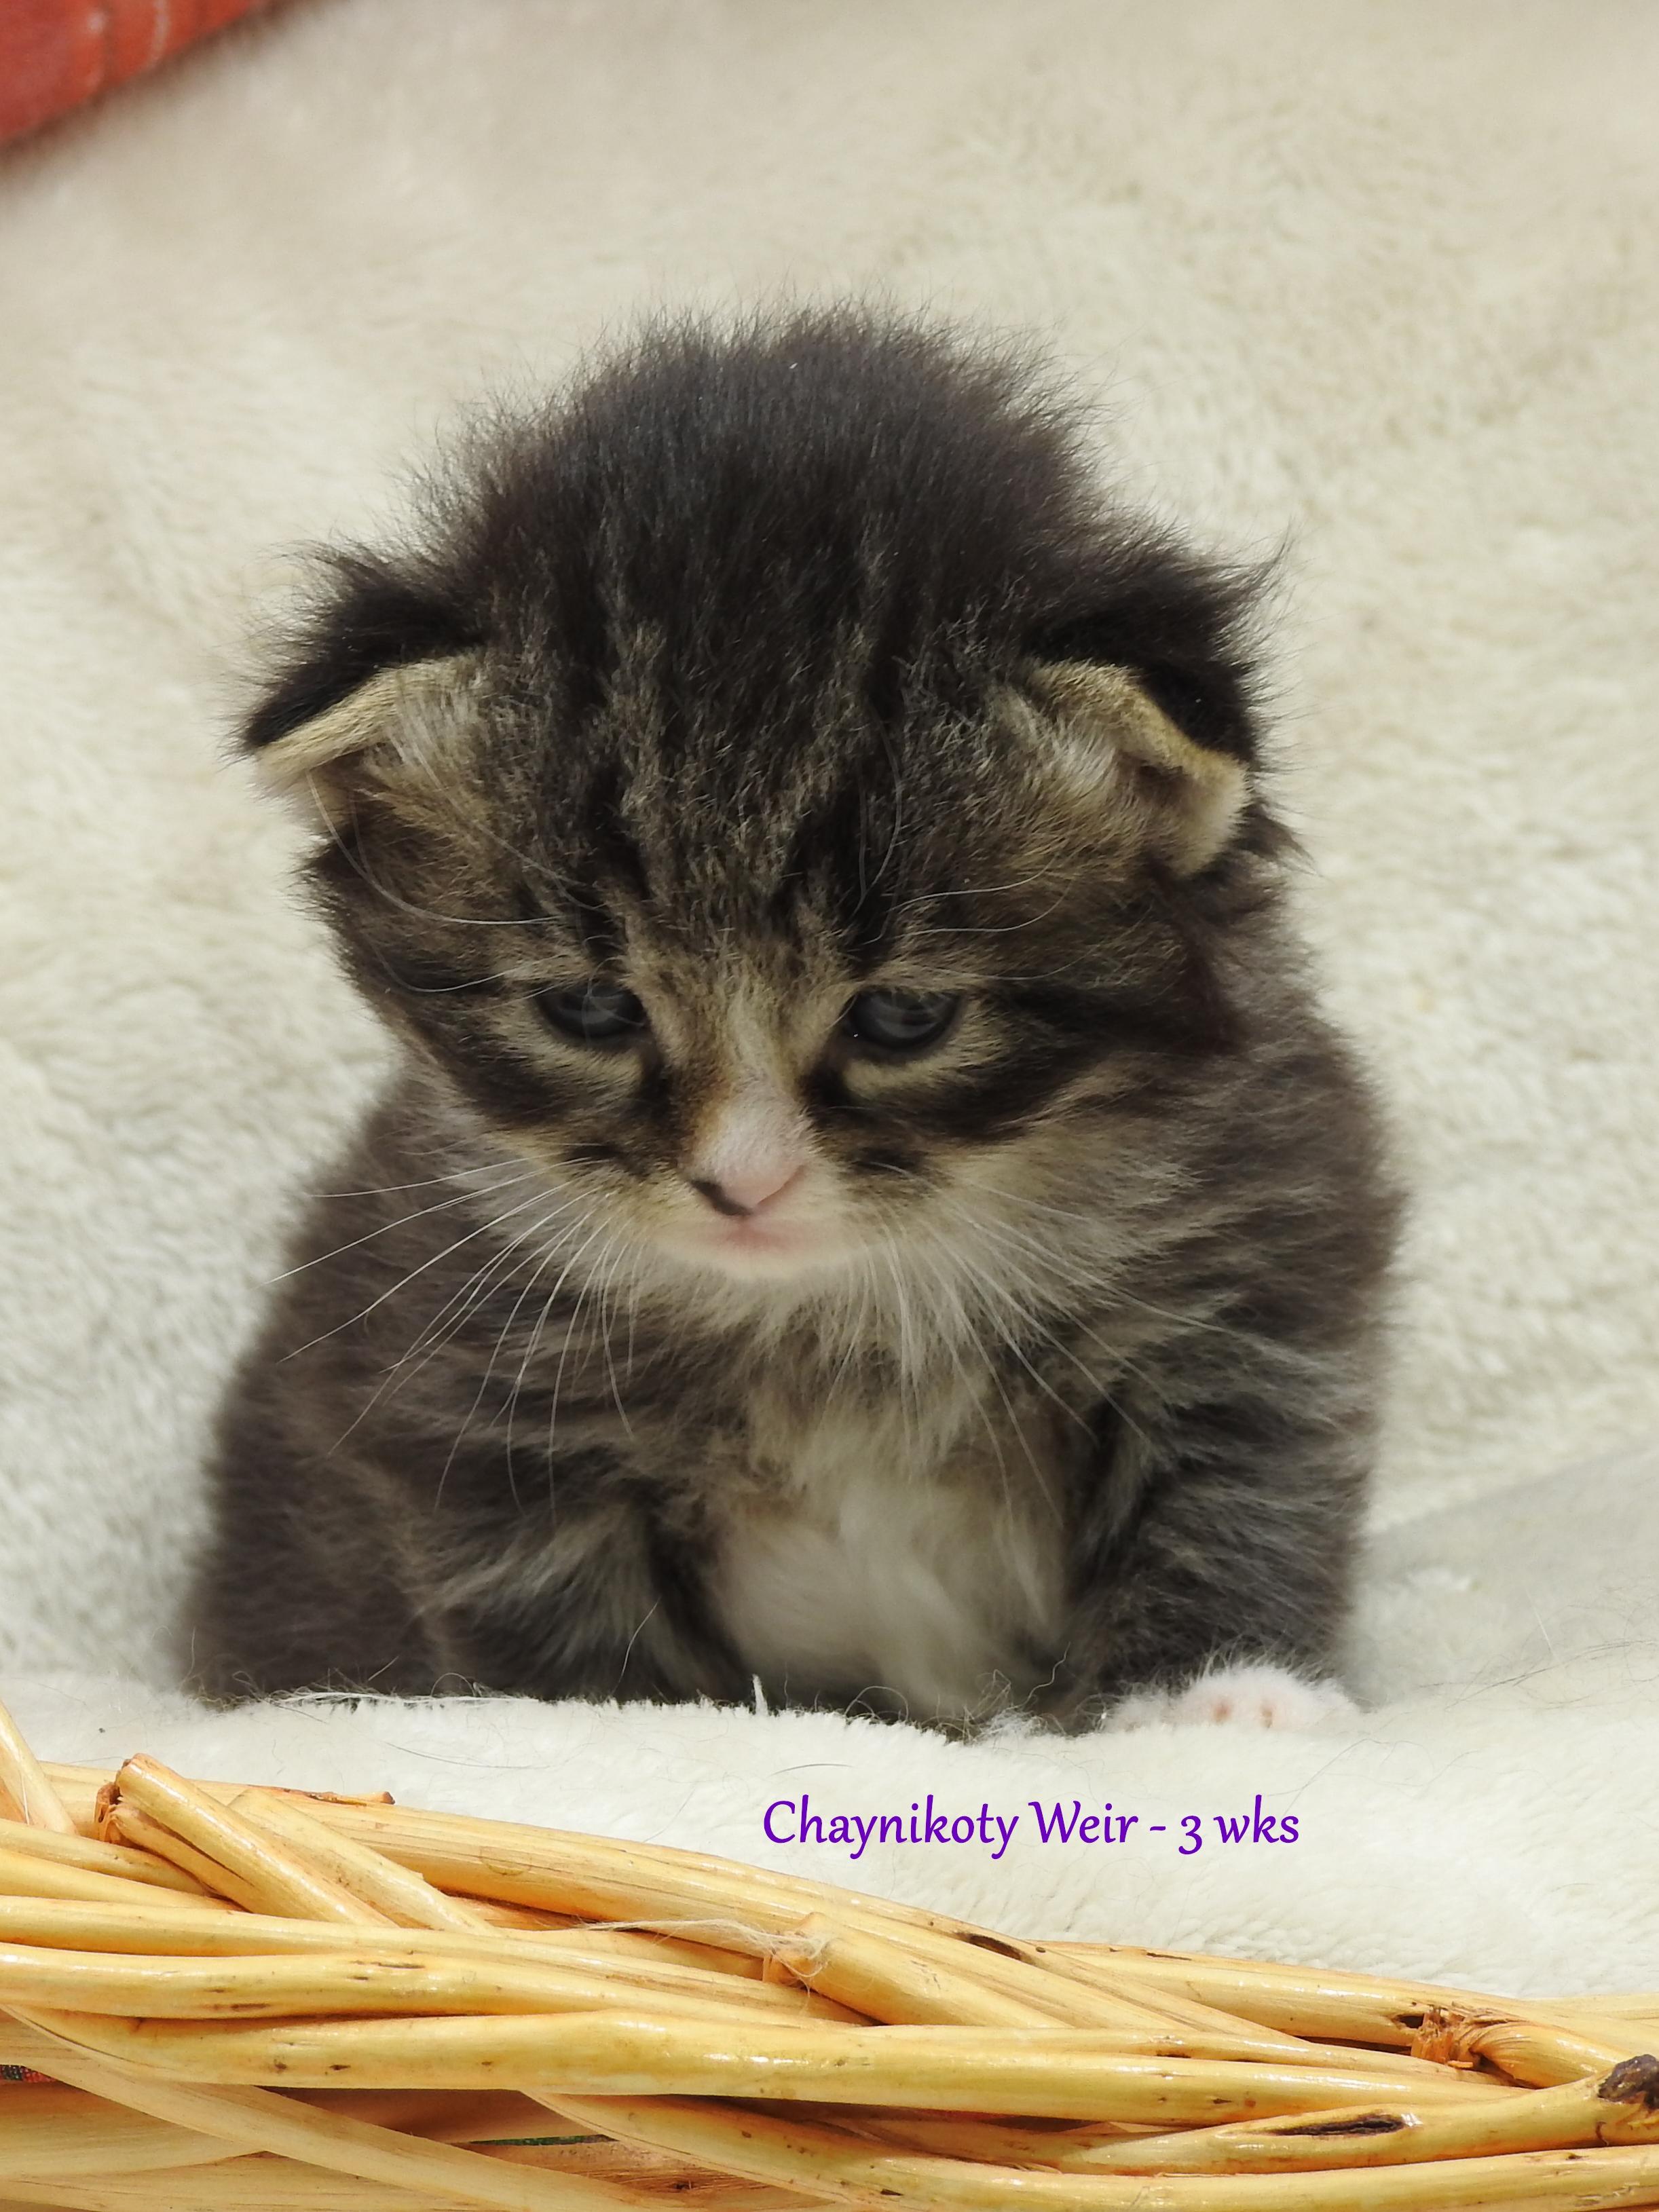 Chaynikoty Weir - 3 wks